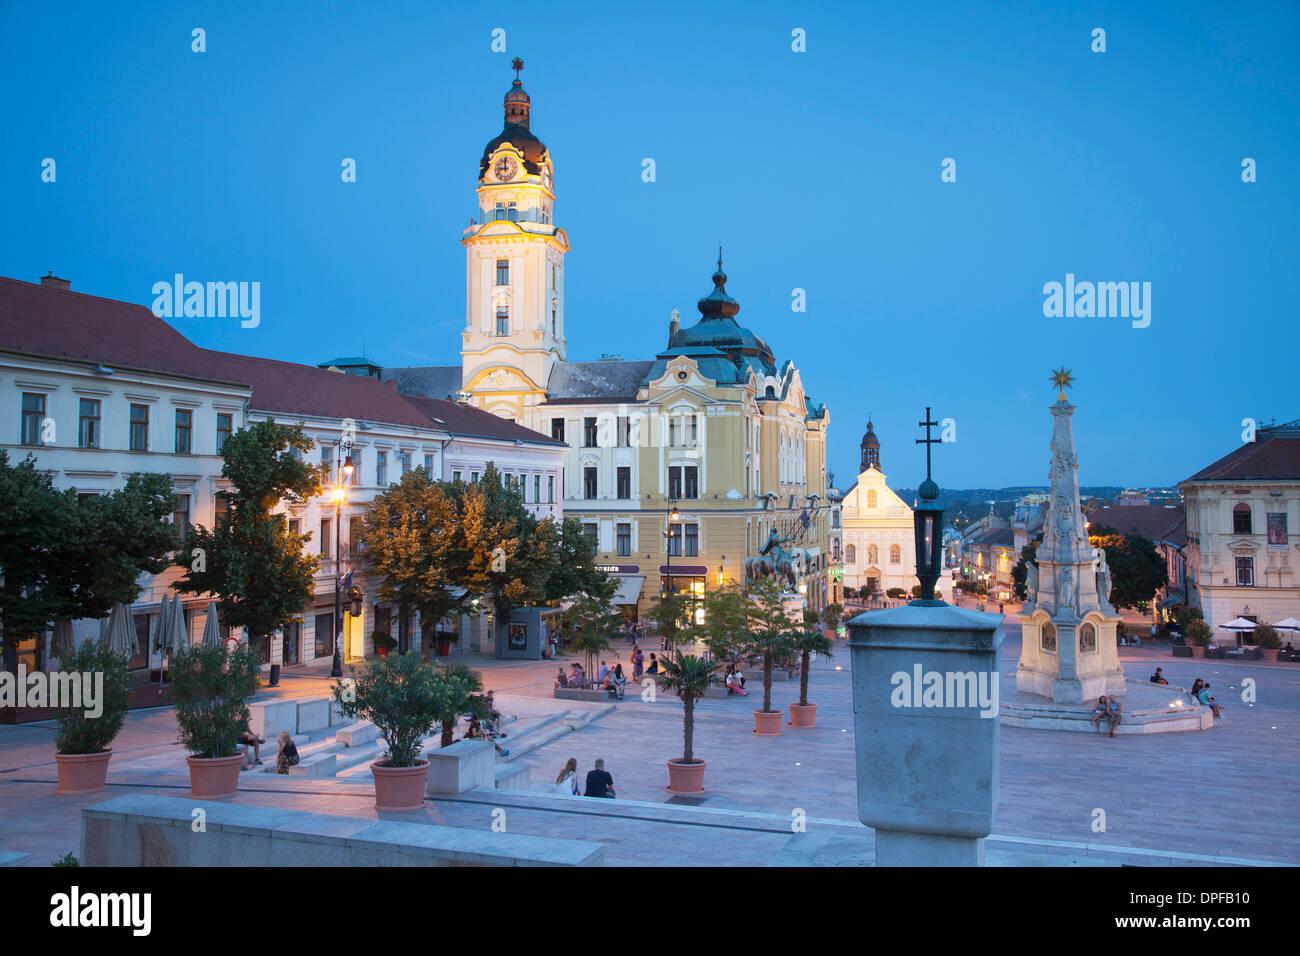 Szechenyi Square at dusk, Pecs, Southern Transdanubia, Hungary, Europe - Stock Image